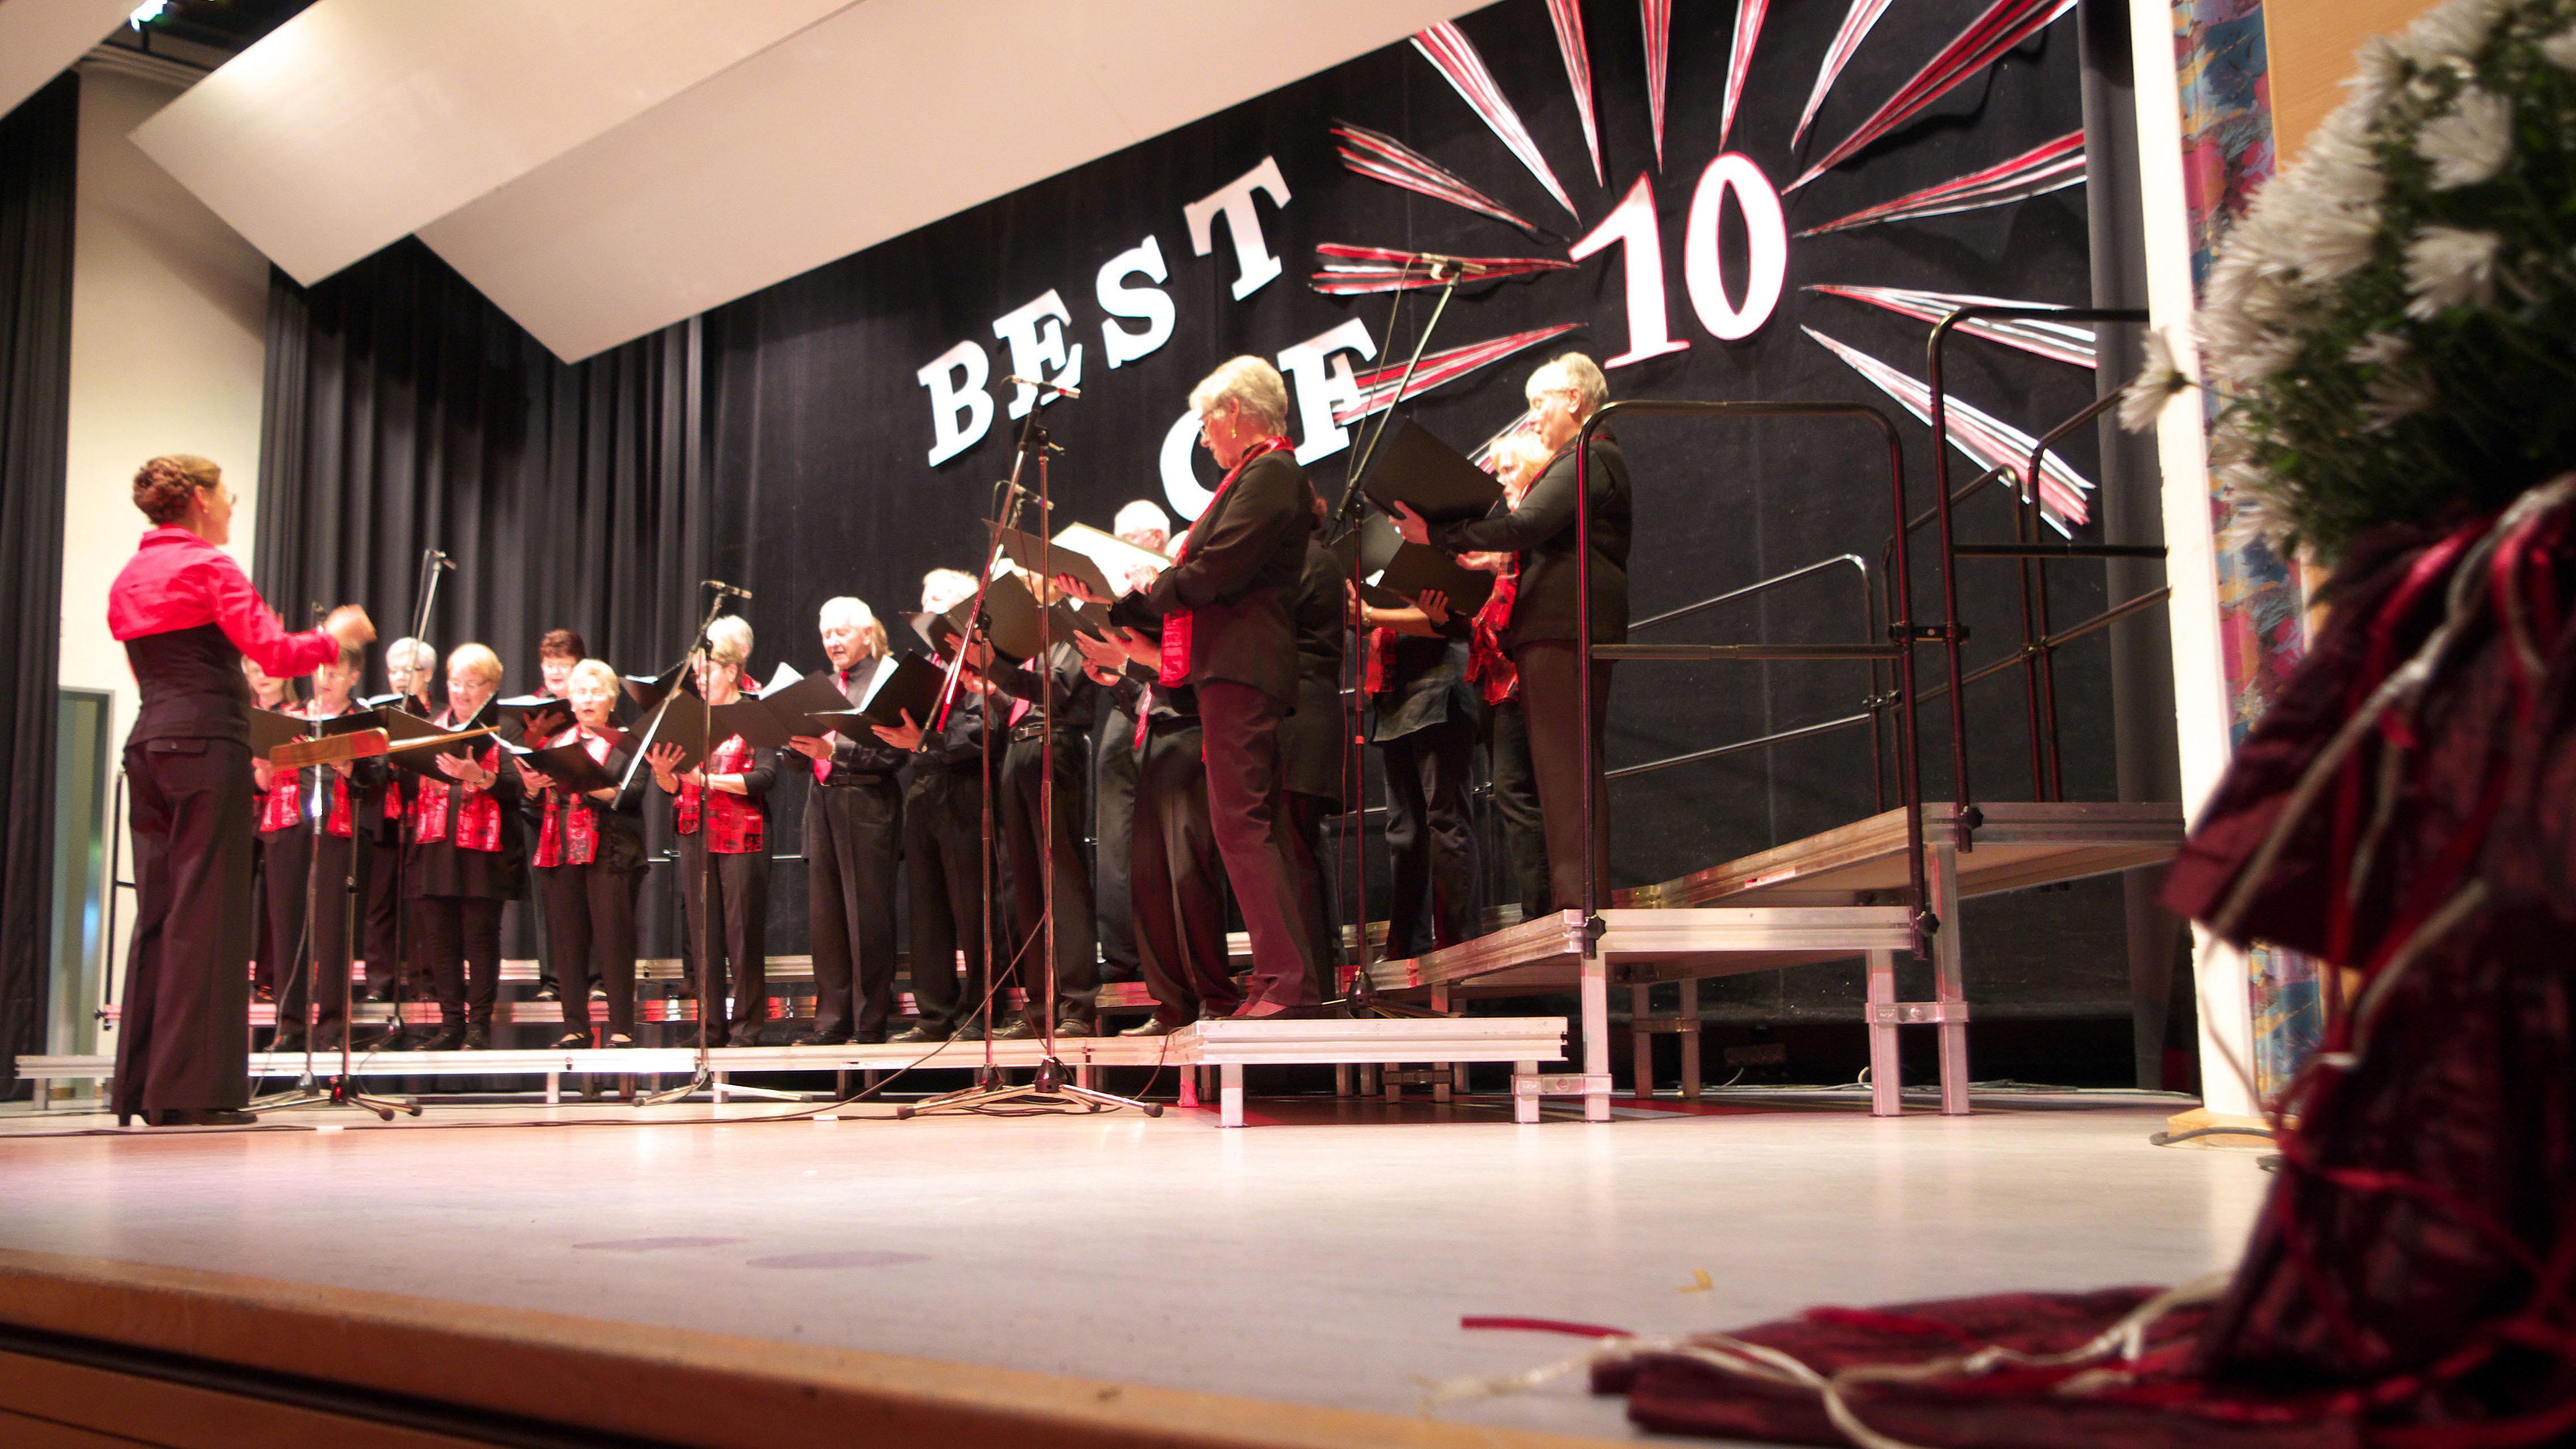 Stammchor Magstadt gratuliert dem Chor inTakt mit einem Ständchen